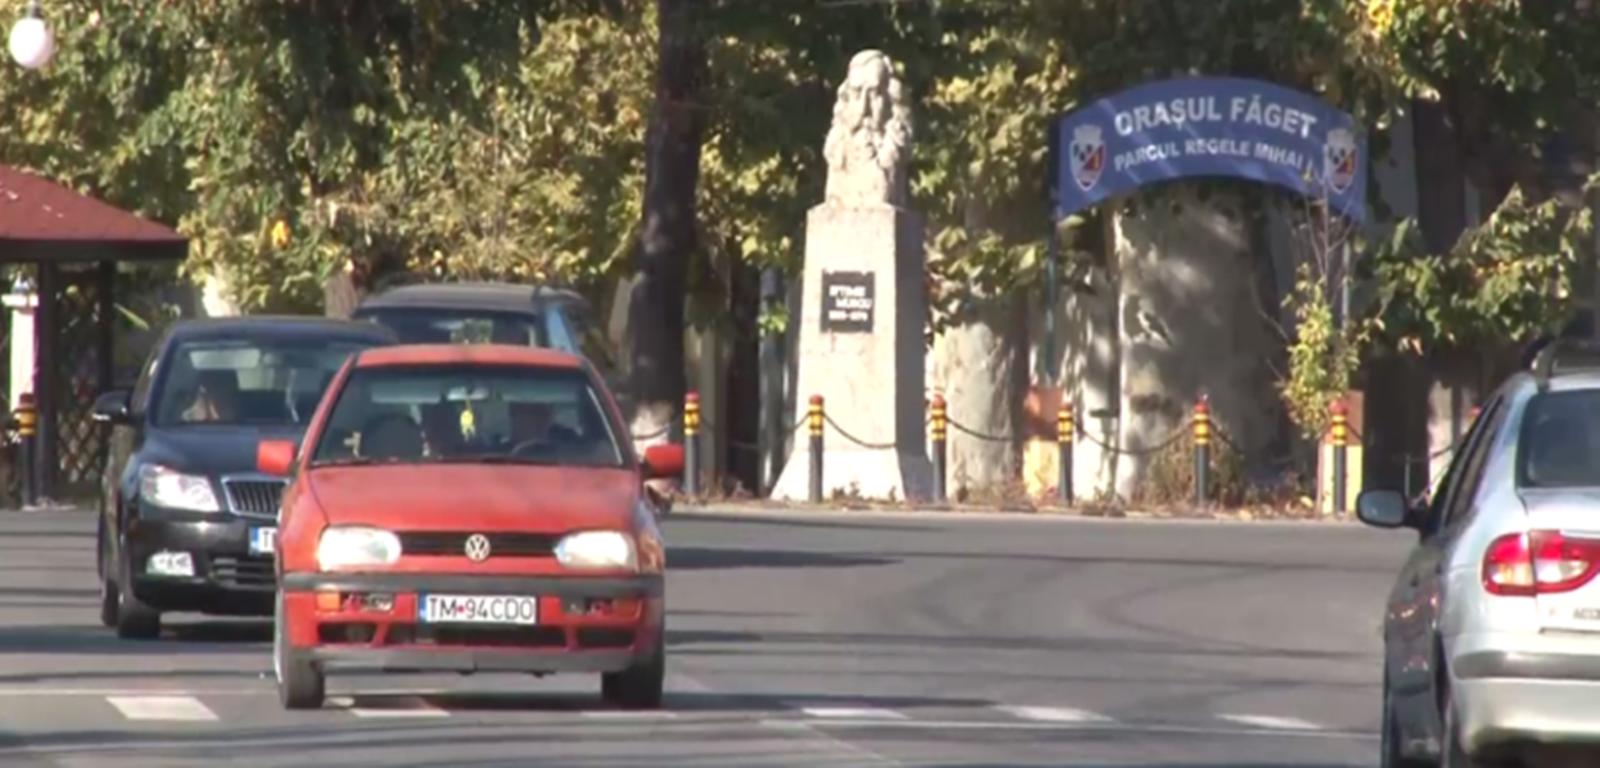 Orașul Făget din județul Timiș intră în carantină